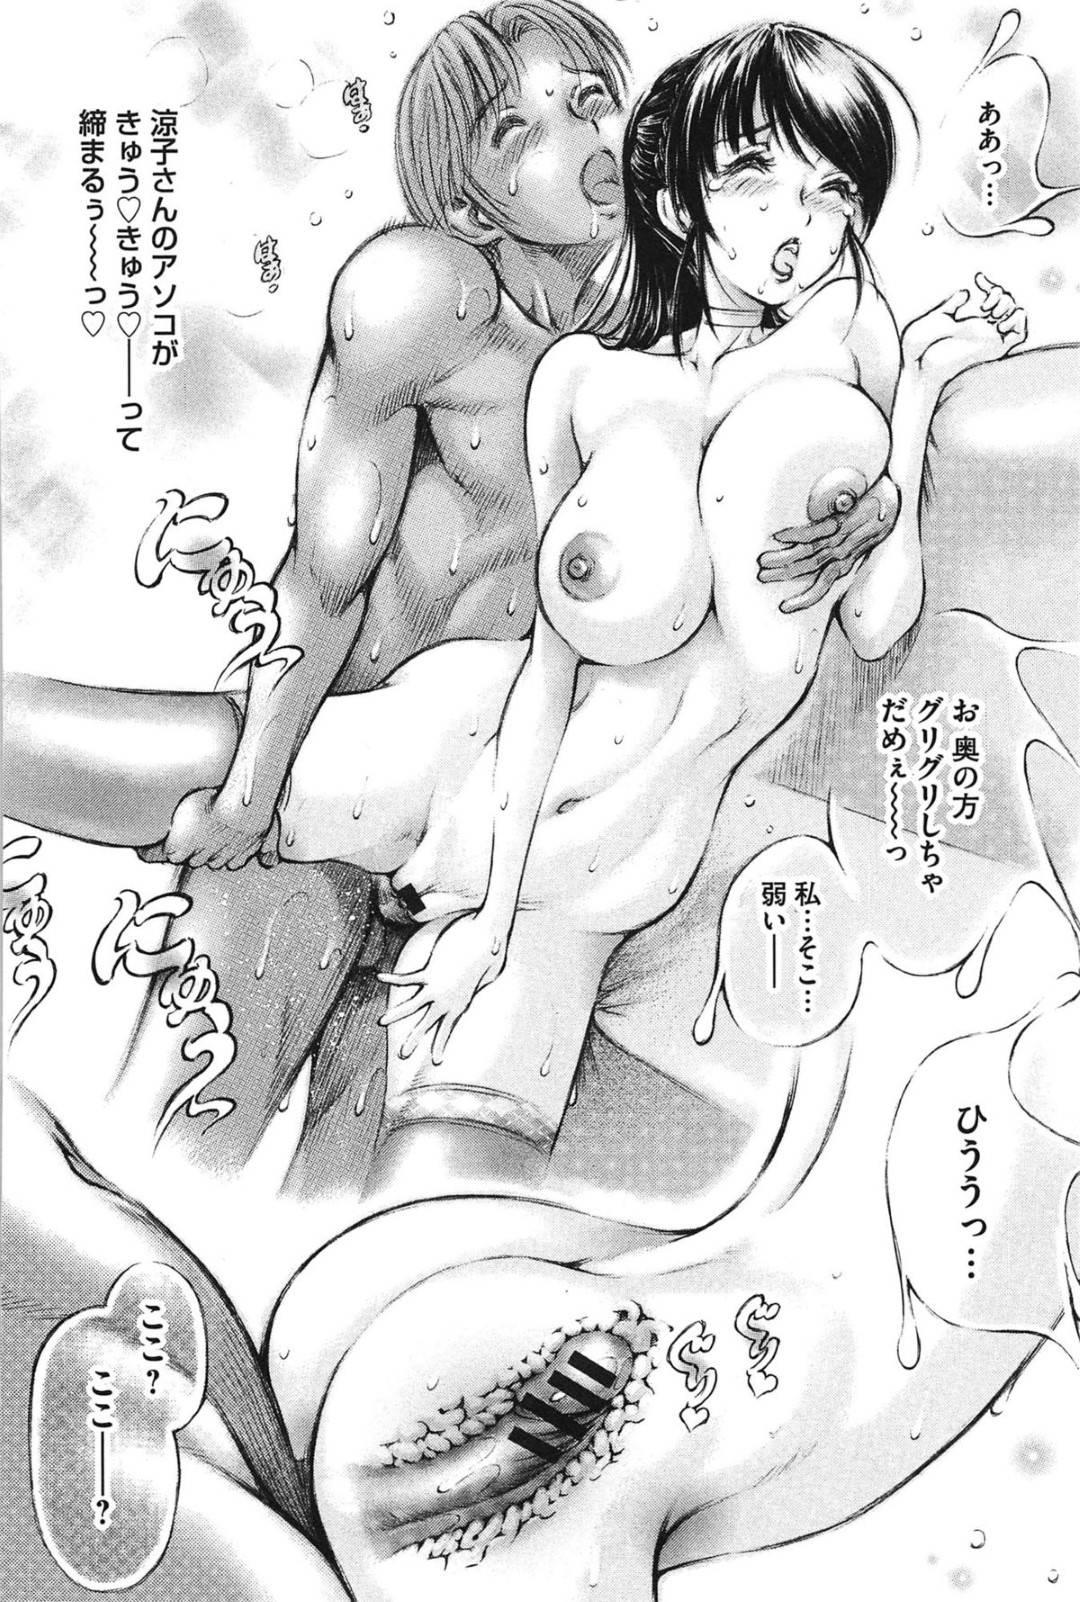 【エロ漫画】彼女との初セックスで失態を犯してしまい落ち込む彼氏を励ます彼女の姉…爆乳で癒しながら前戯だけ教えているうちに我慢できなくなった2人は中出しセックス!【麻森ゆき洋】